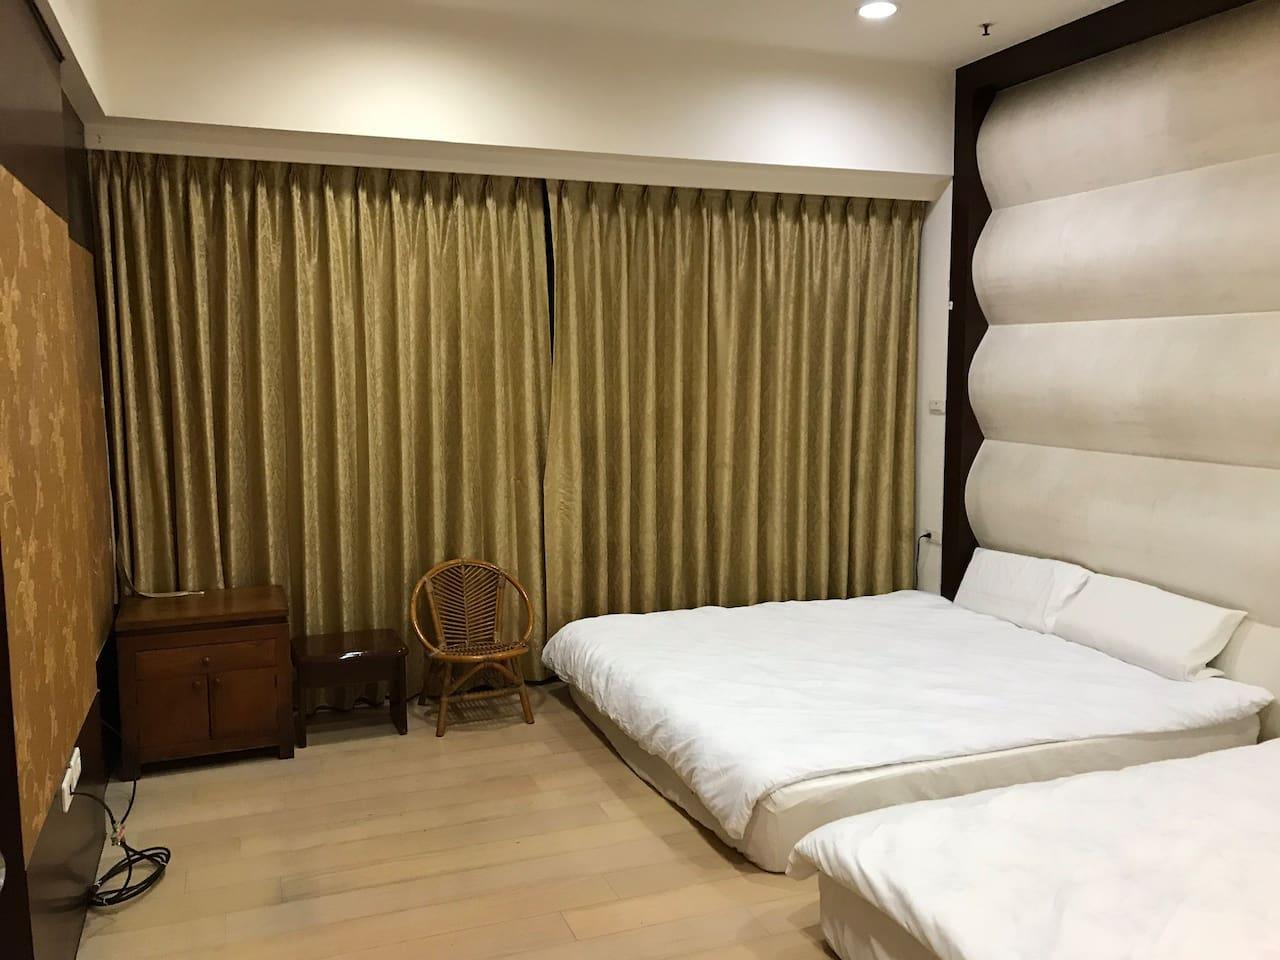 主卧有兩張Queen size(加大双人床),很舒適好睡,大面景覌窗的窗帘若打開即与花園景覌相連结,打開窗户視野很遠,綠樹映入眼簾,空氣很清新。與馬路対面棟距有90米,非常具隠私權。室內大金冷暖空調。